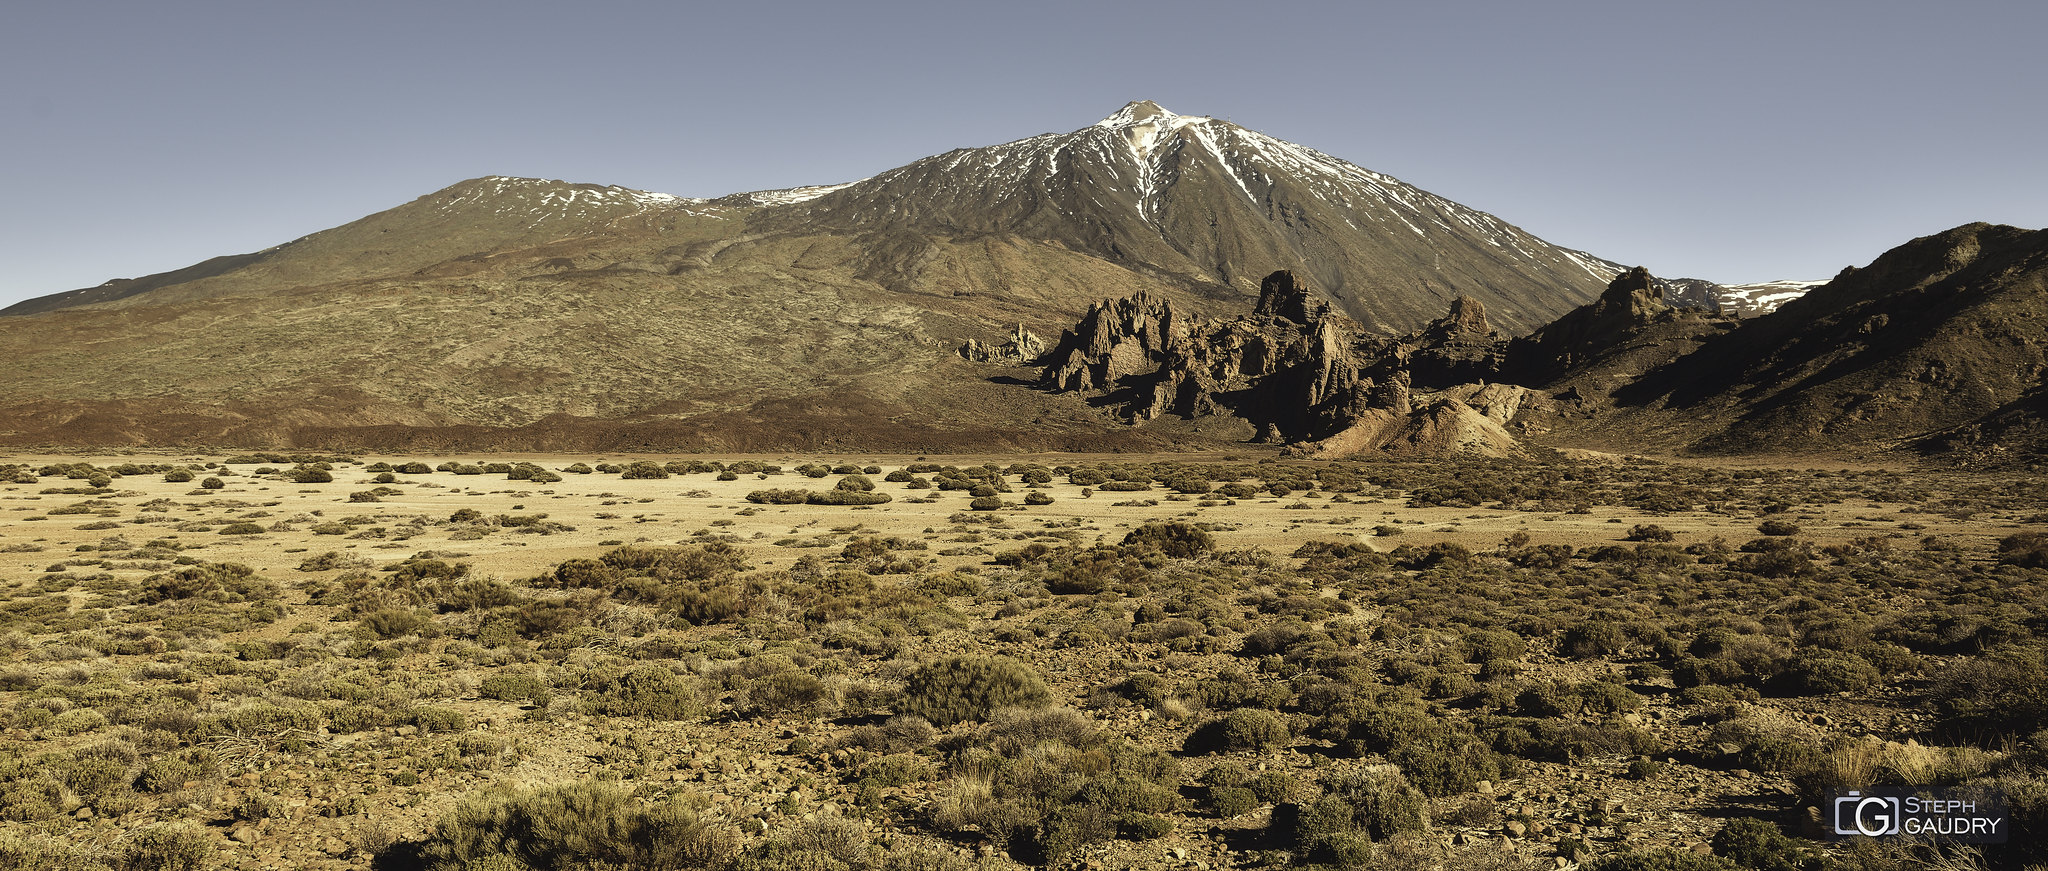 Los Roques de Garcia desde la Orotava [Klik om de diavoorstelling te starten]